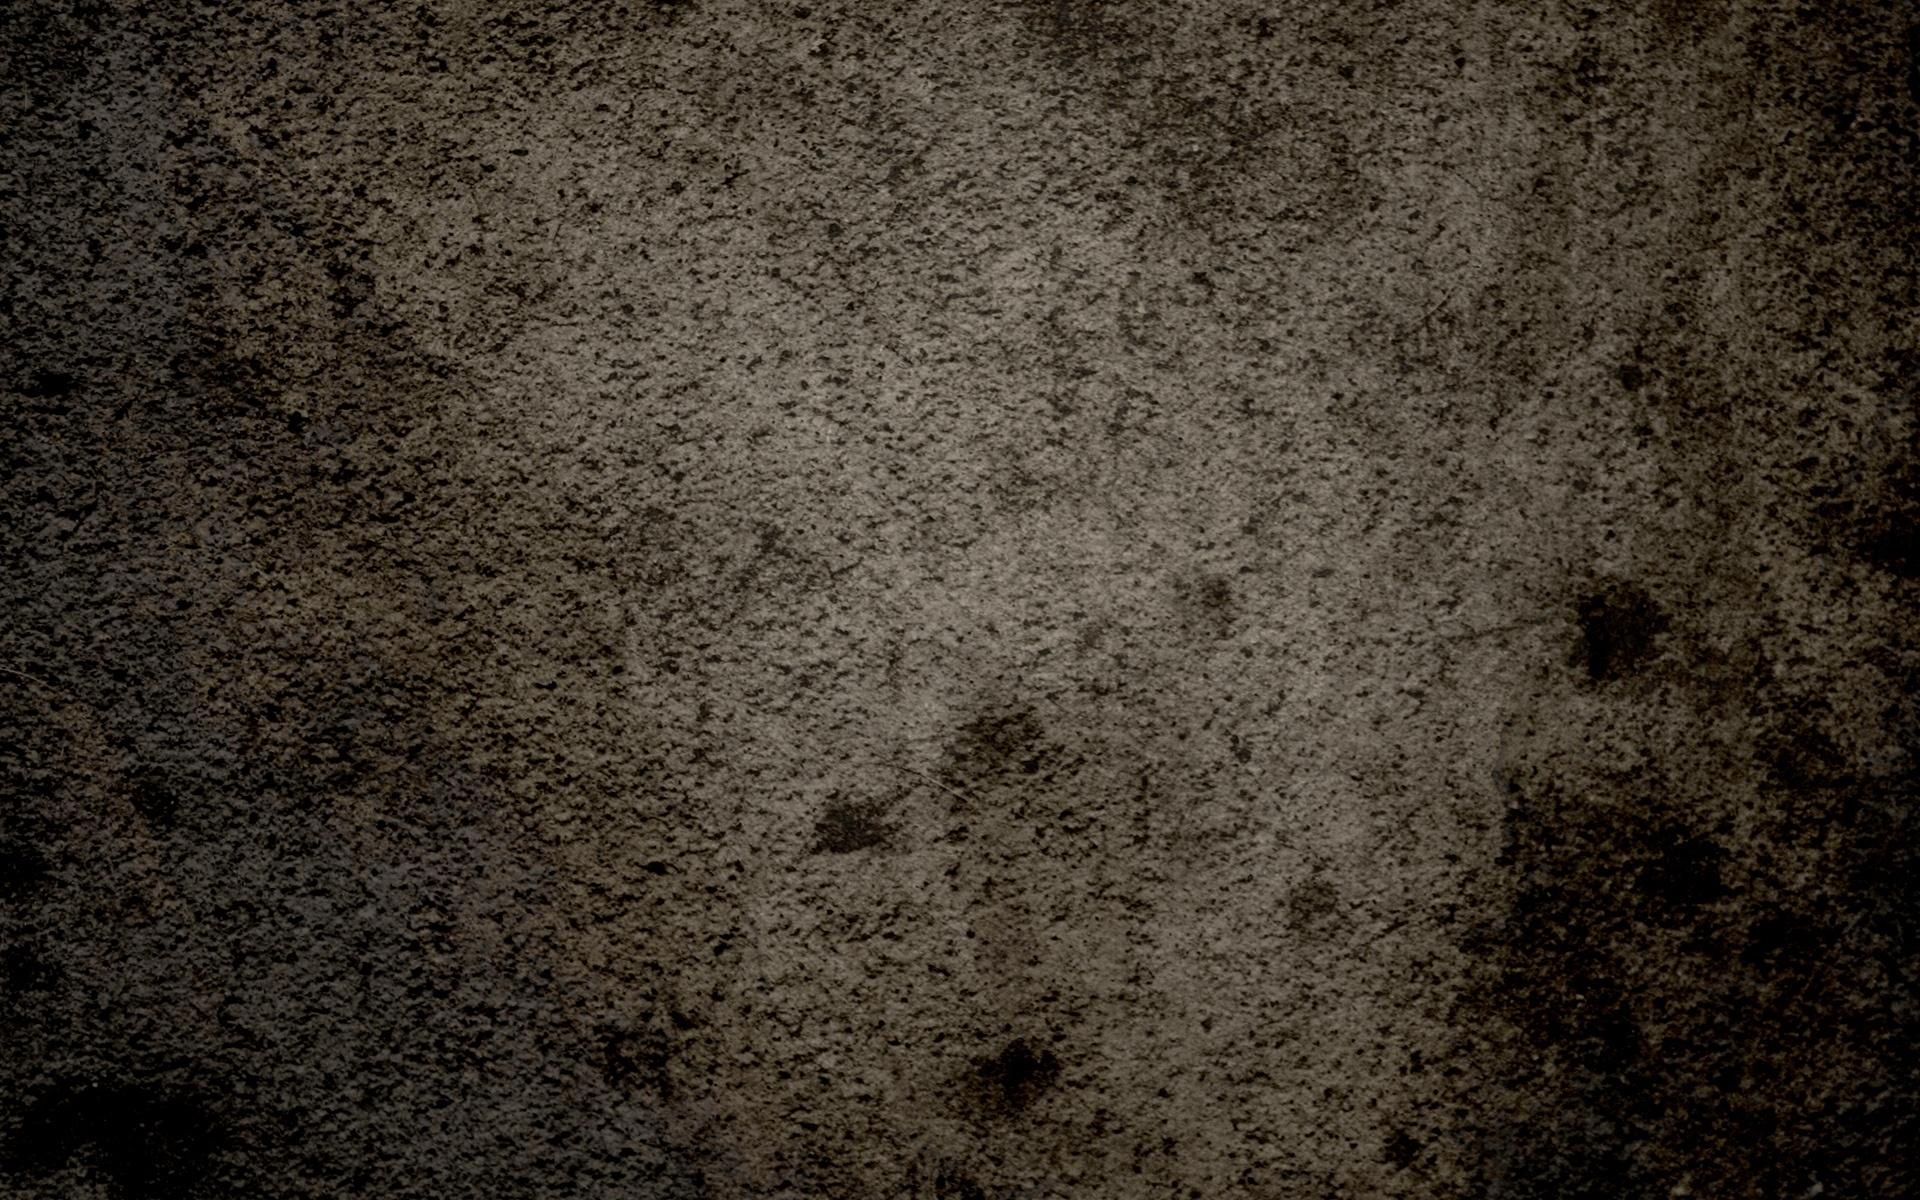 Wallpaper : dirty, pavement, grunge, texture 1920x1200 - 4kWallpaper - 734347 - HD Wallpapers ...